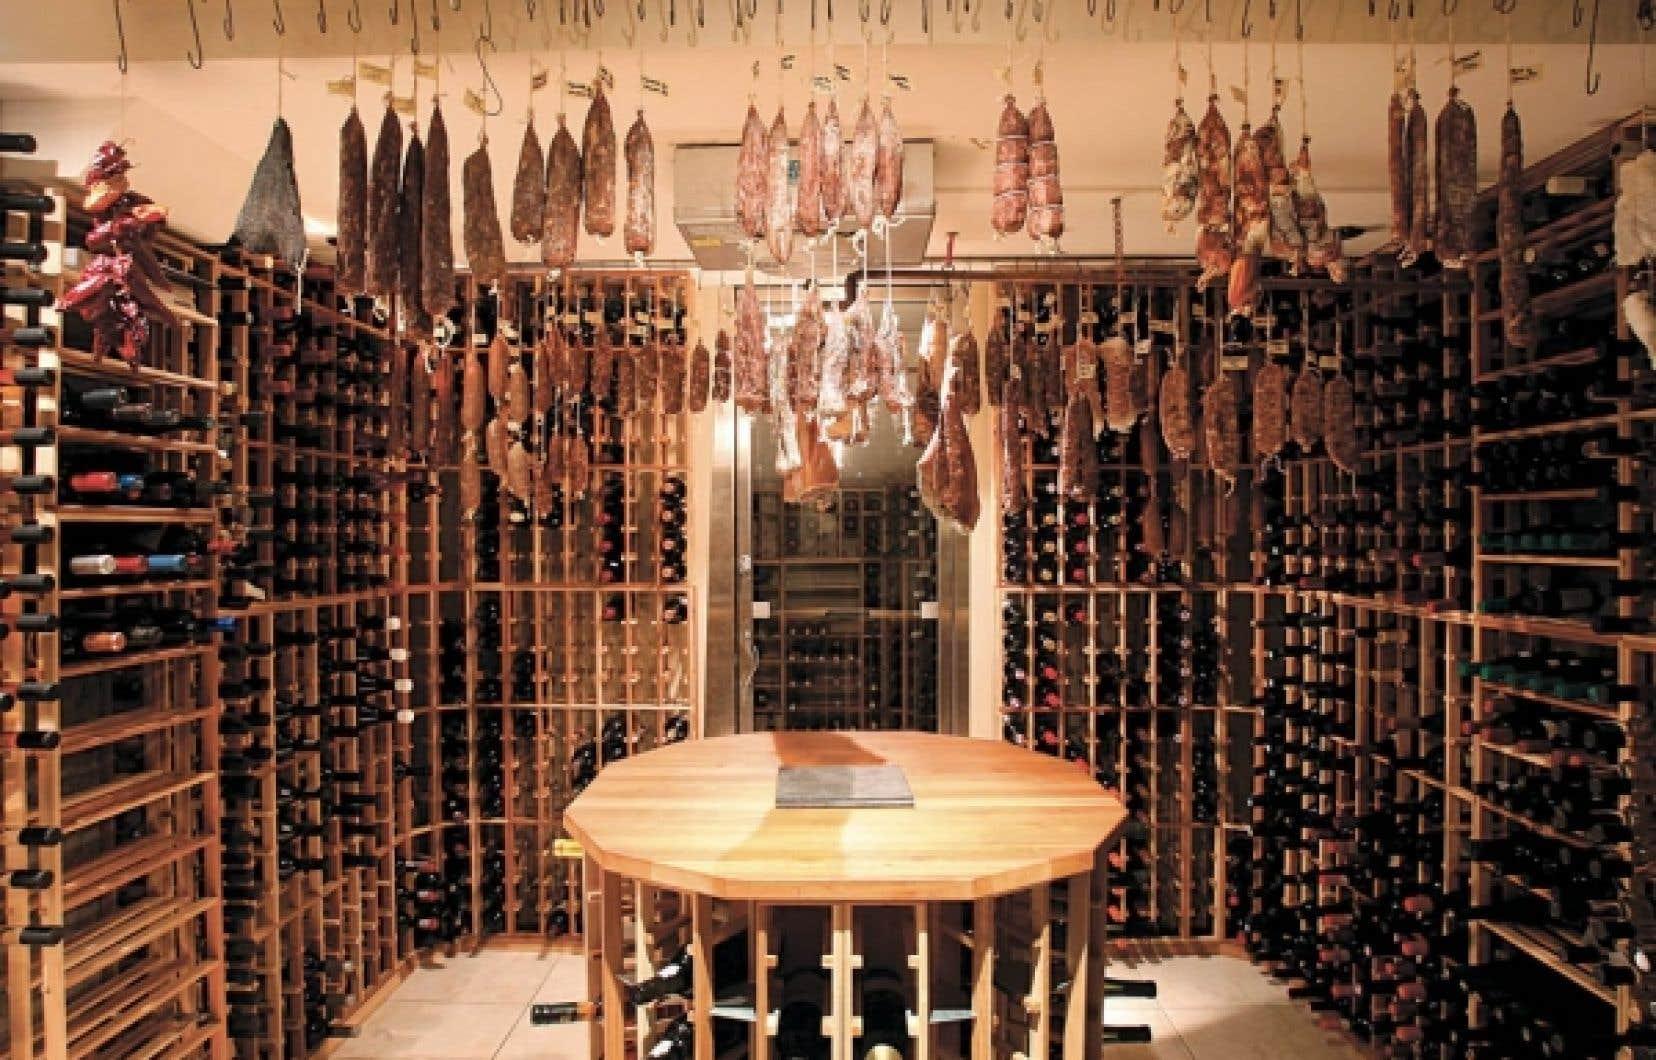 Le 24 février, le restaurant DNA accueillera Ann Sperling, spécialiste de la culture en biodynamie au Canada. Elle fera partager ses goûts pour les vins exceptionnels de la Colombie-Britannique.<br />